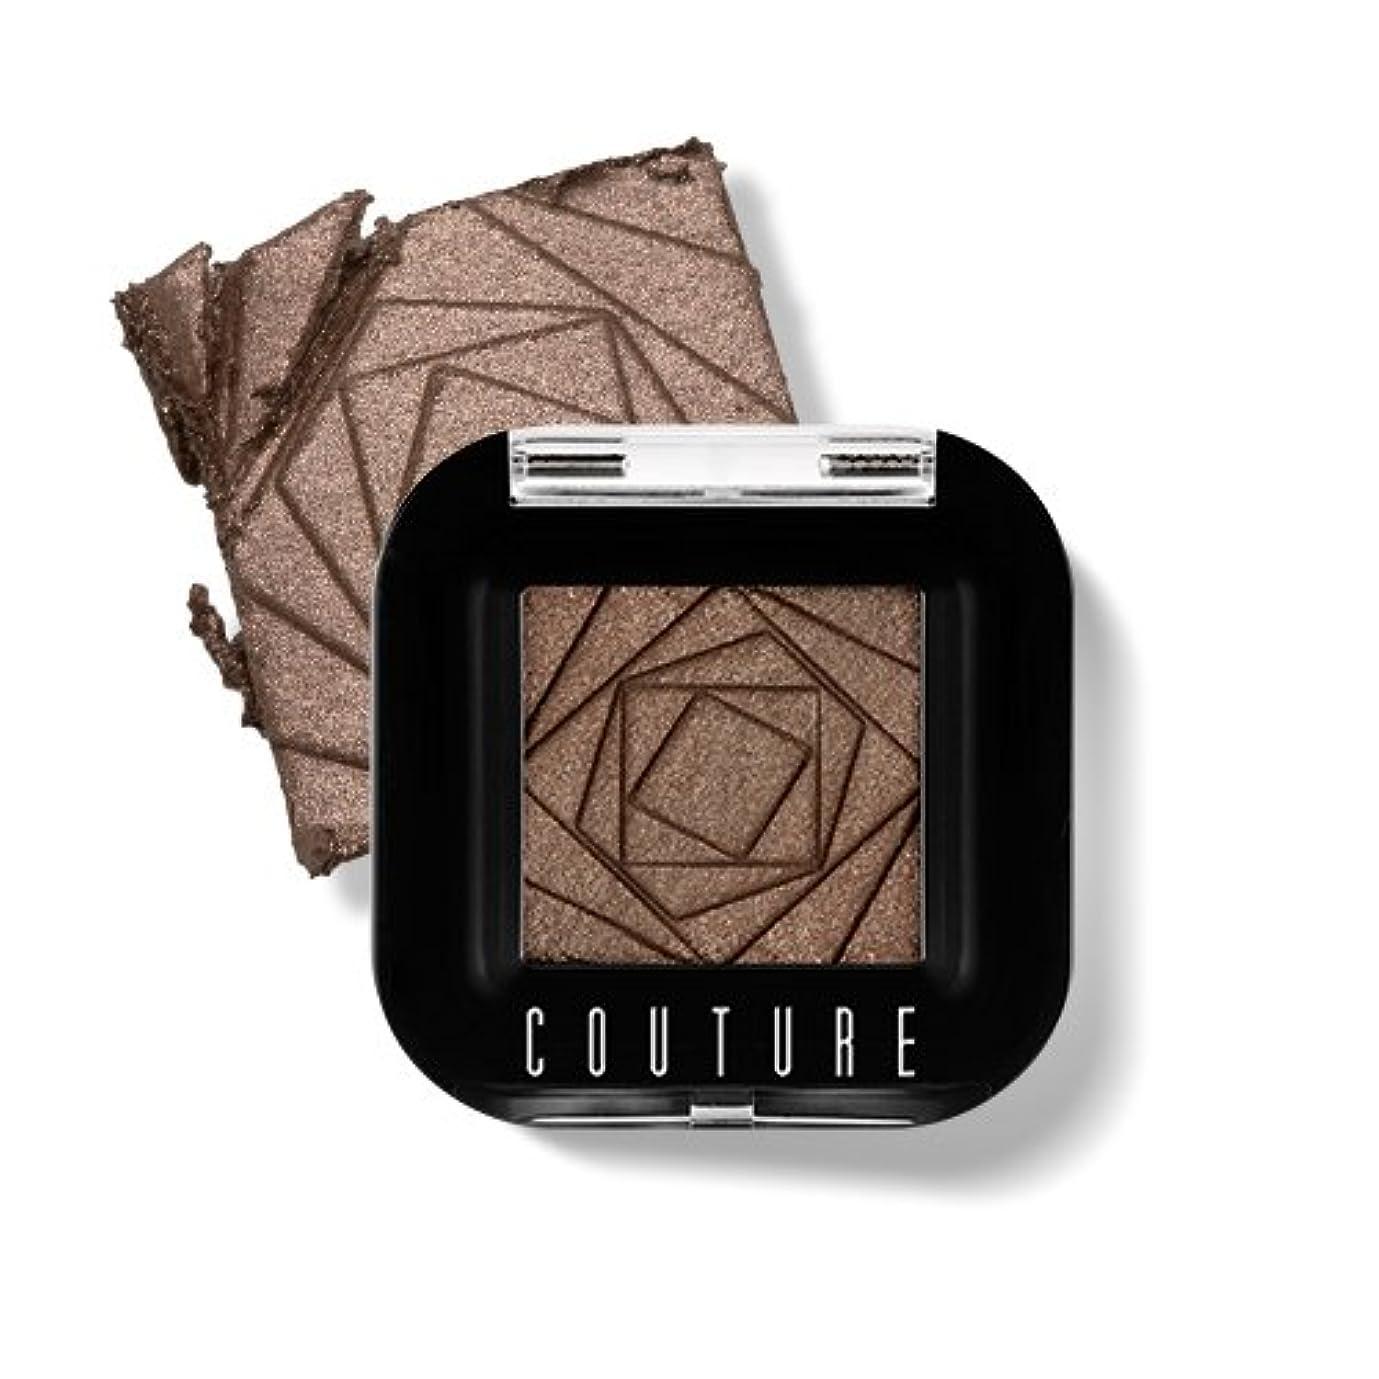 消す擬人化本を読むAPIEU Couture Shadow (# 6) /アピュ/オピュ クチュールシャドウ [並行輸入品]